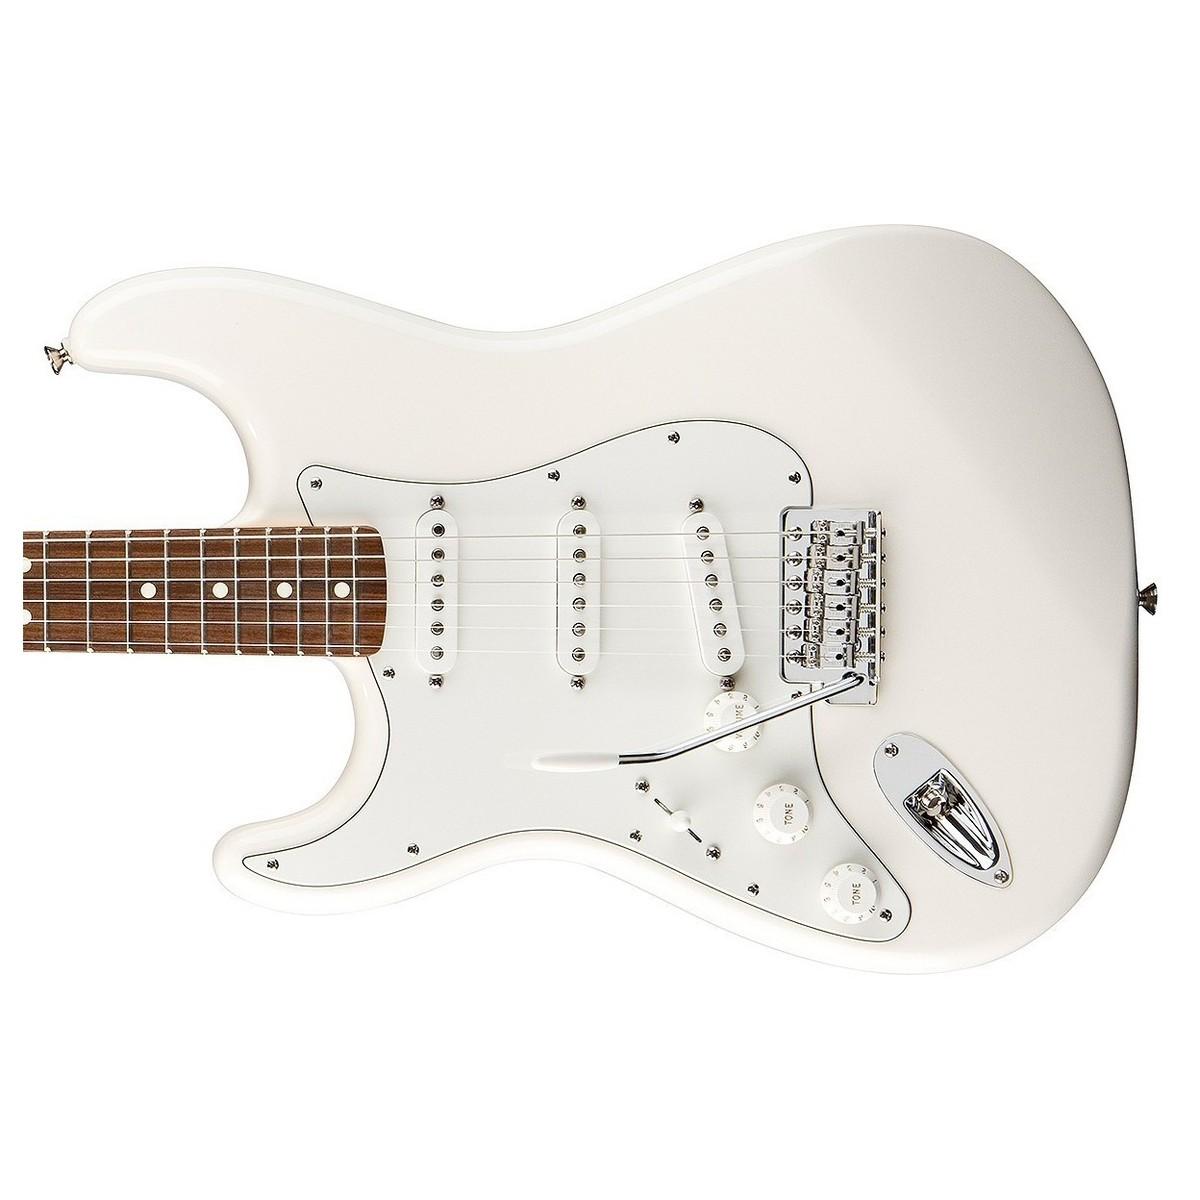 fender standard stratocaster left handed guitar arctic white at gear4music. Black Bedroom Furniture Sets. Home Design Ideas